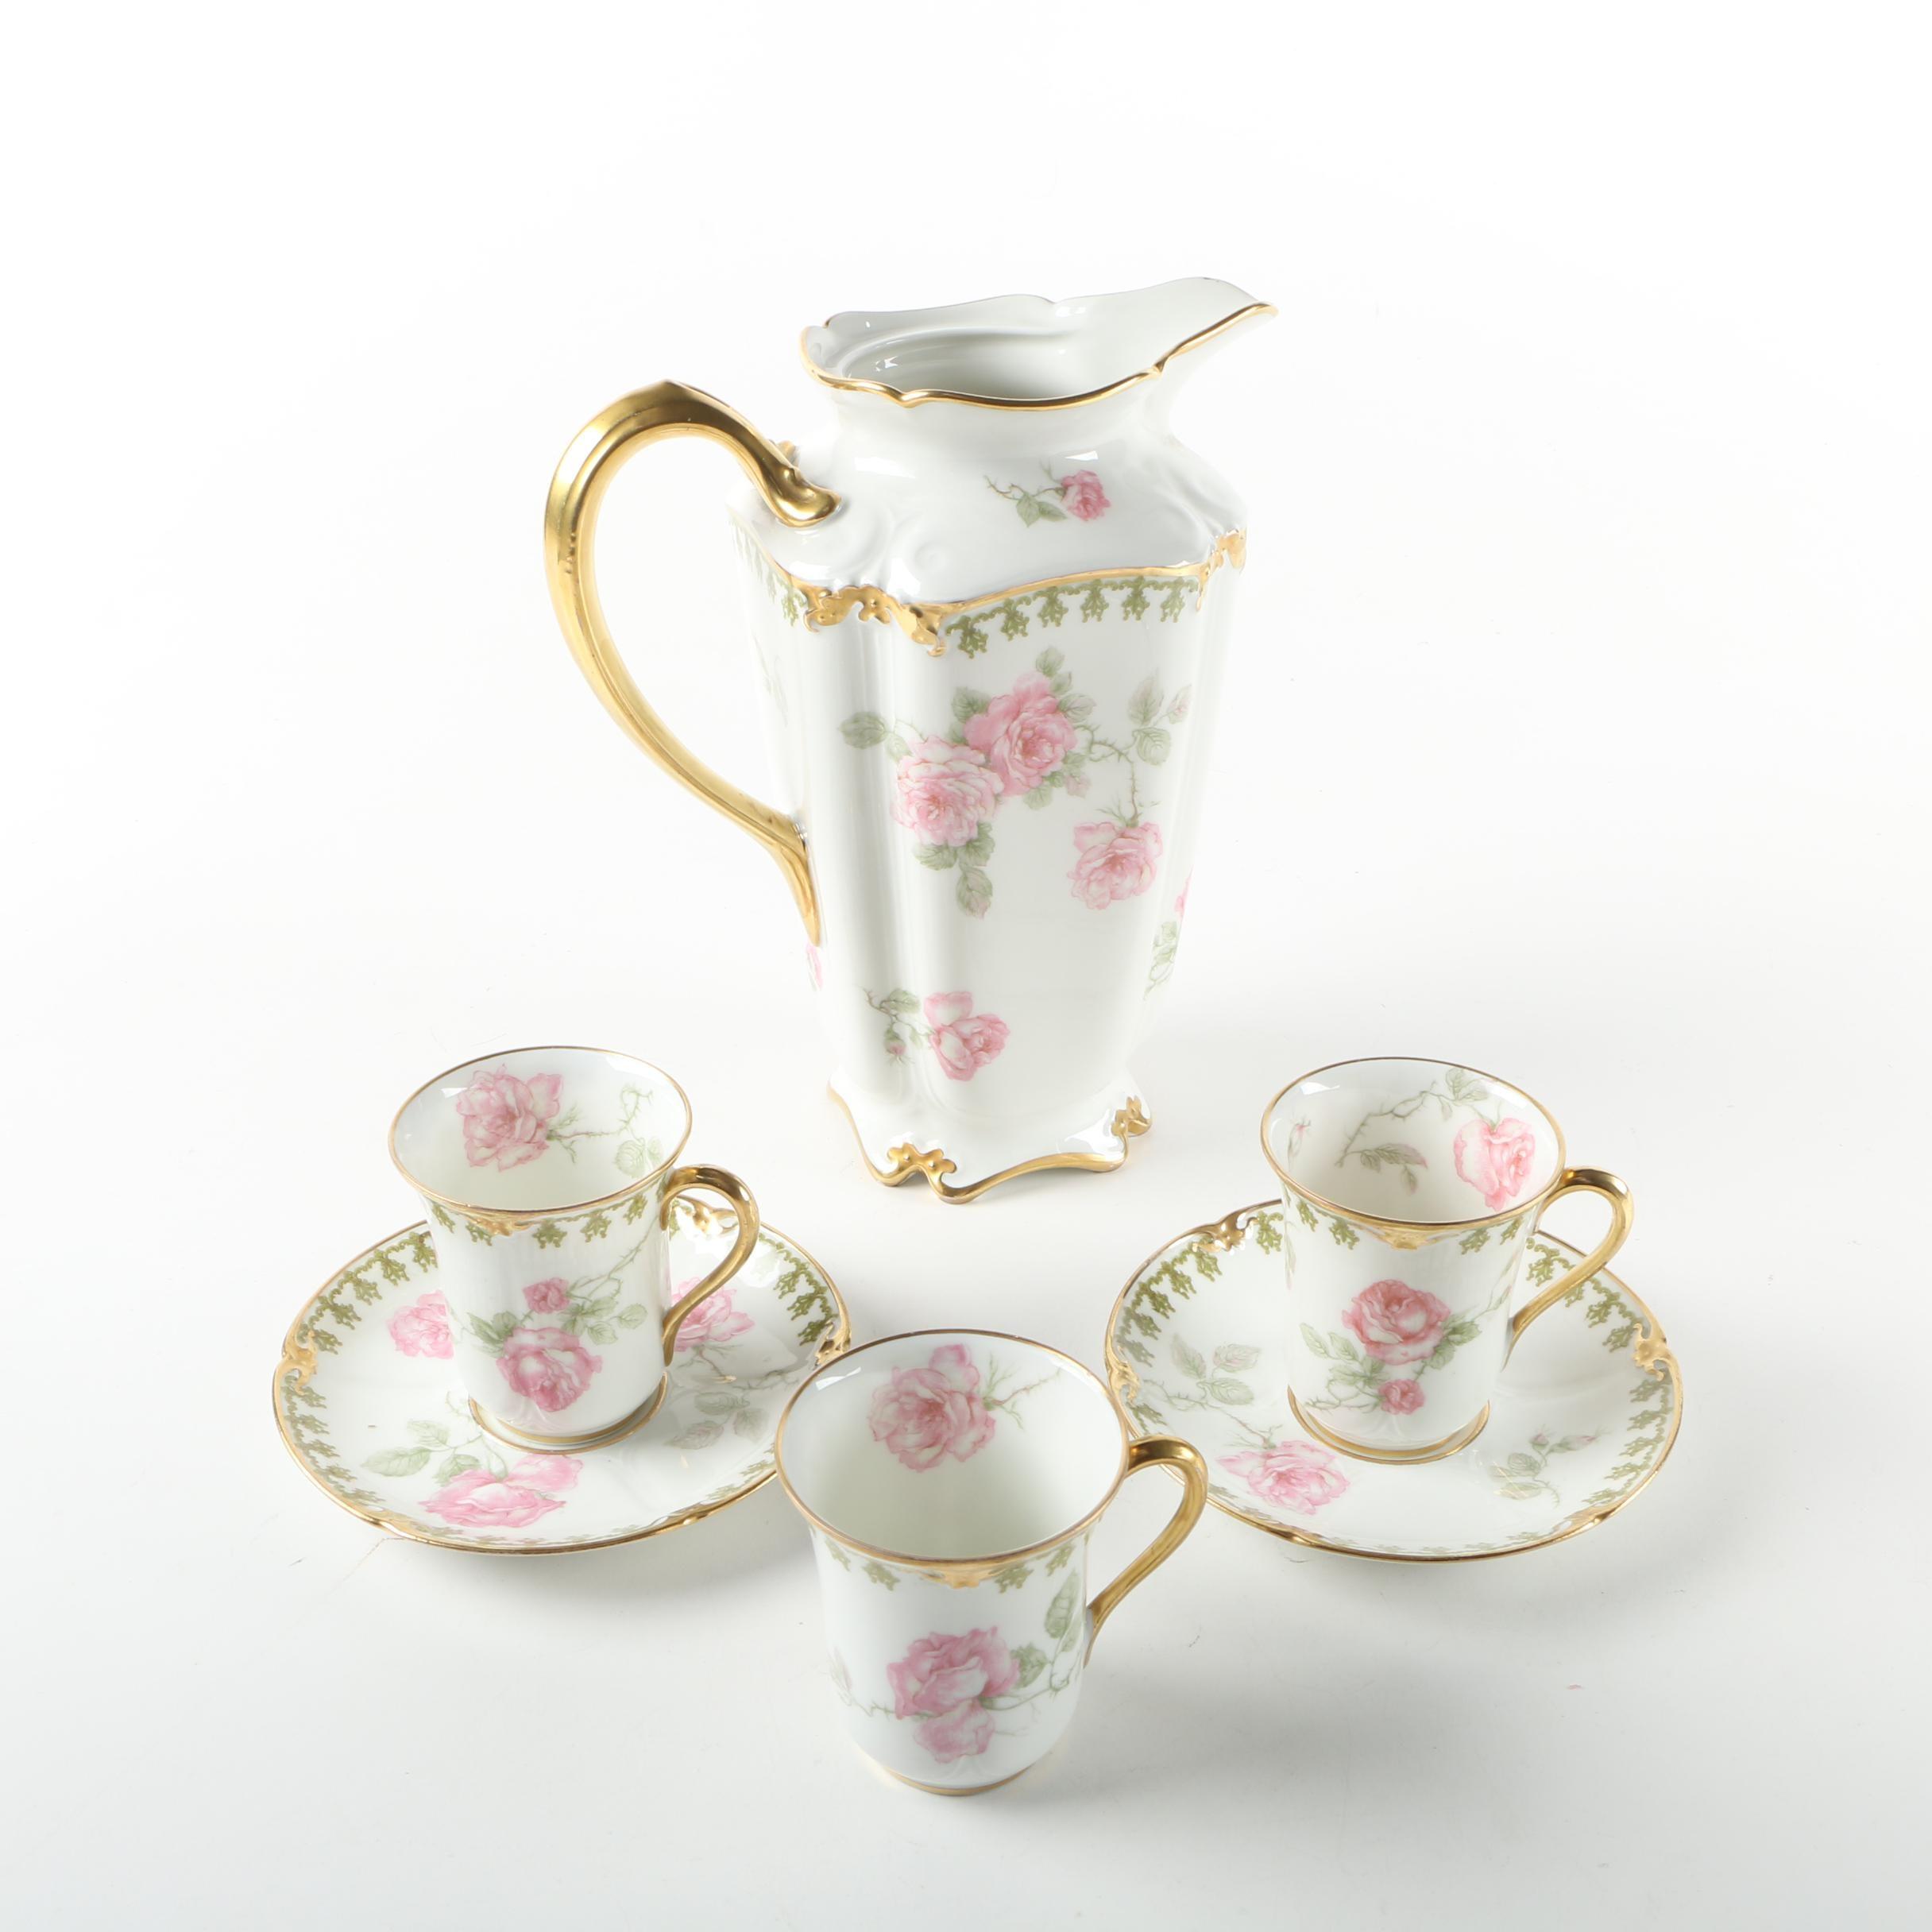 Antique GDA Limoges Porcelain Teacups and Pitcher